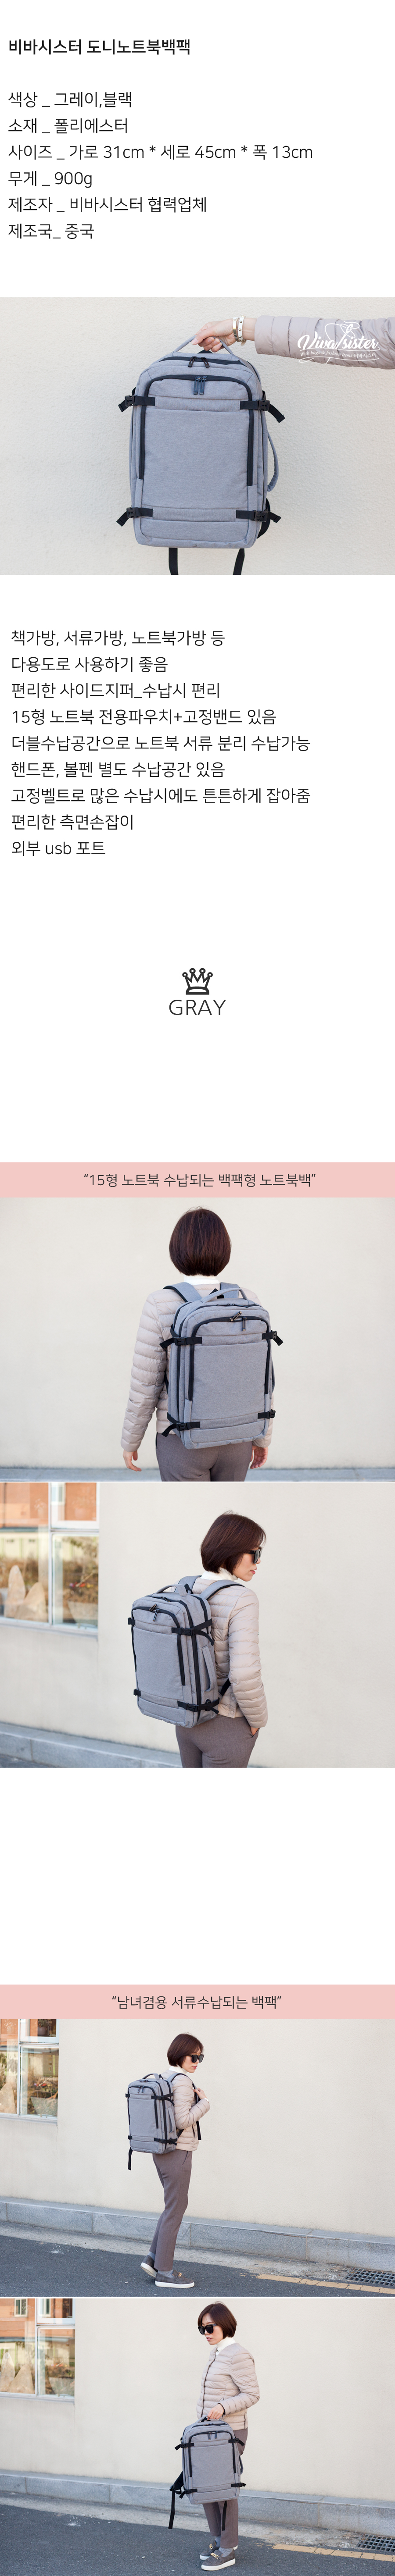 15인치노트북백팩 남자노트북배낭 직장인서류가방 - 비바시스터, 38,800원, 노트북 케이스/파우치, 35.56cm~39.62cm